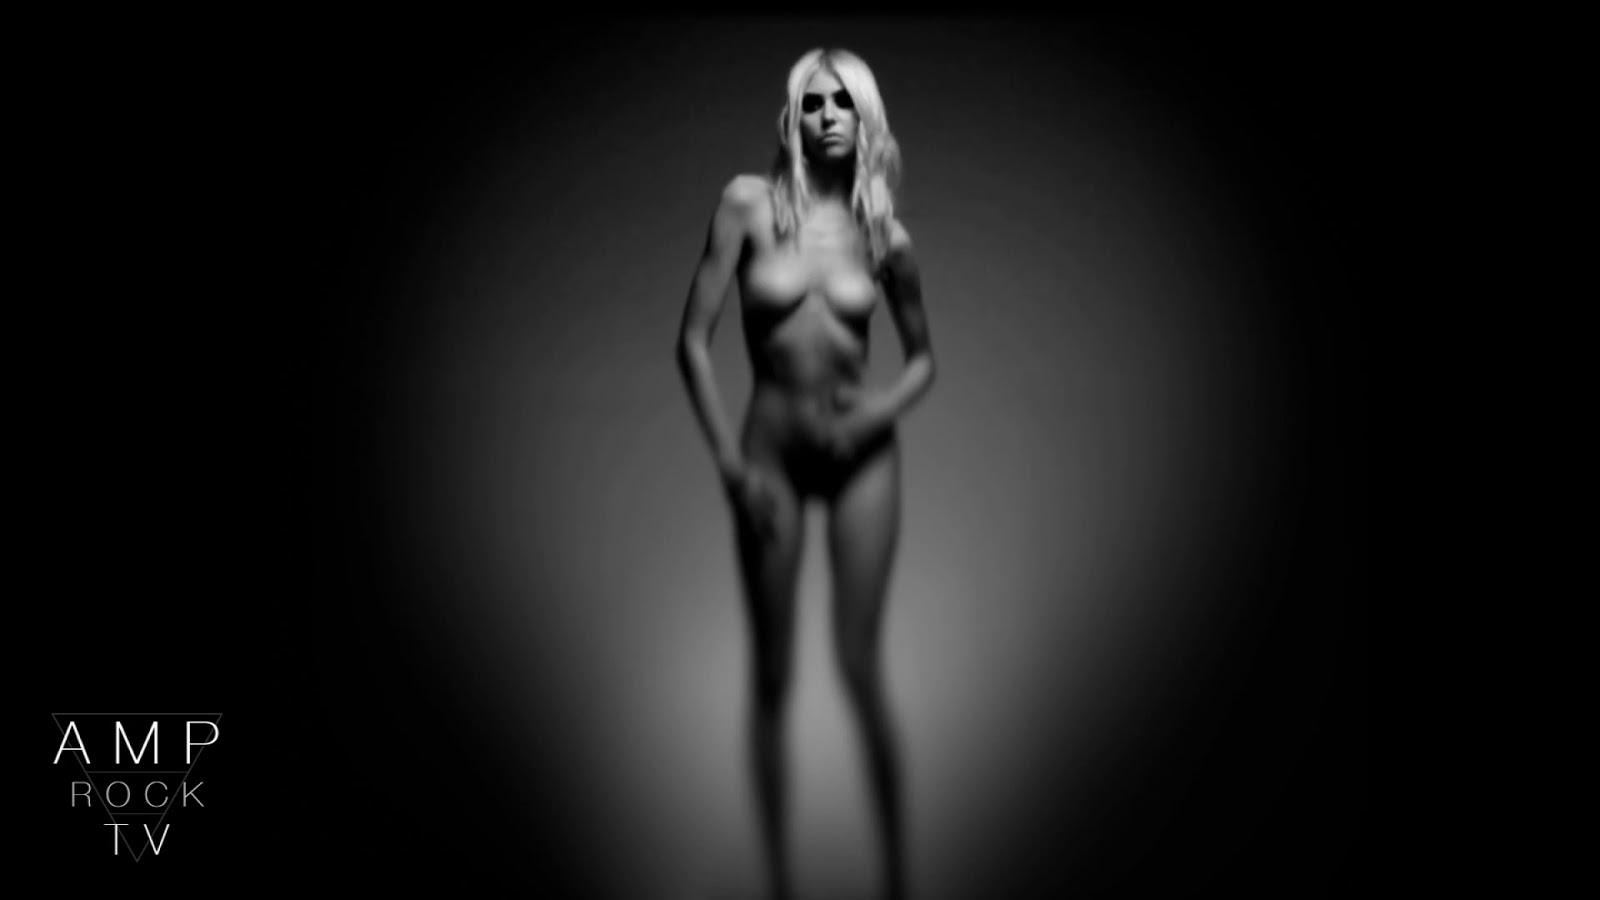 http://4.bp.blogspot.com/-Ka2mxSyifWc/UHpFsR0norI/AAAAAAAAb3k/M9lsGtZGHQQ/s1600/EXPOSTAS.com+Taylor+Momsen+%E2%80%93+HD+blurred+nude_sexy+in+Amp+Rock+TV\'s+%E2%80%9CUnder+The+Water%E2%80%9D008.jpg